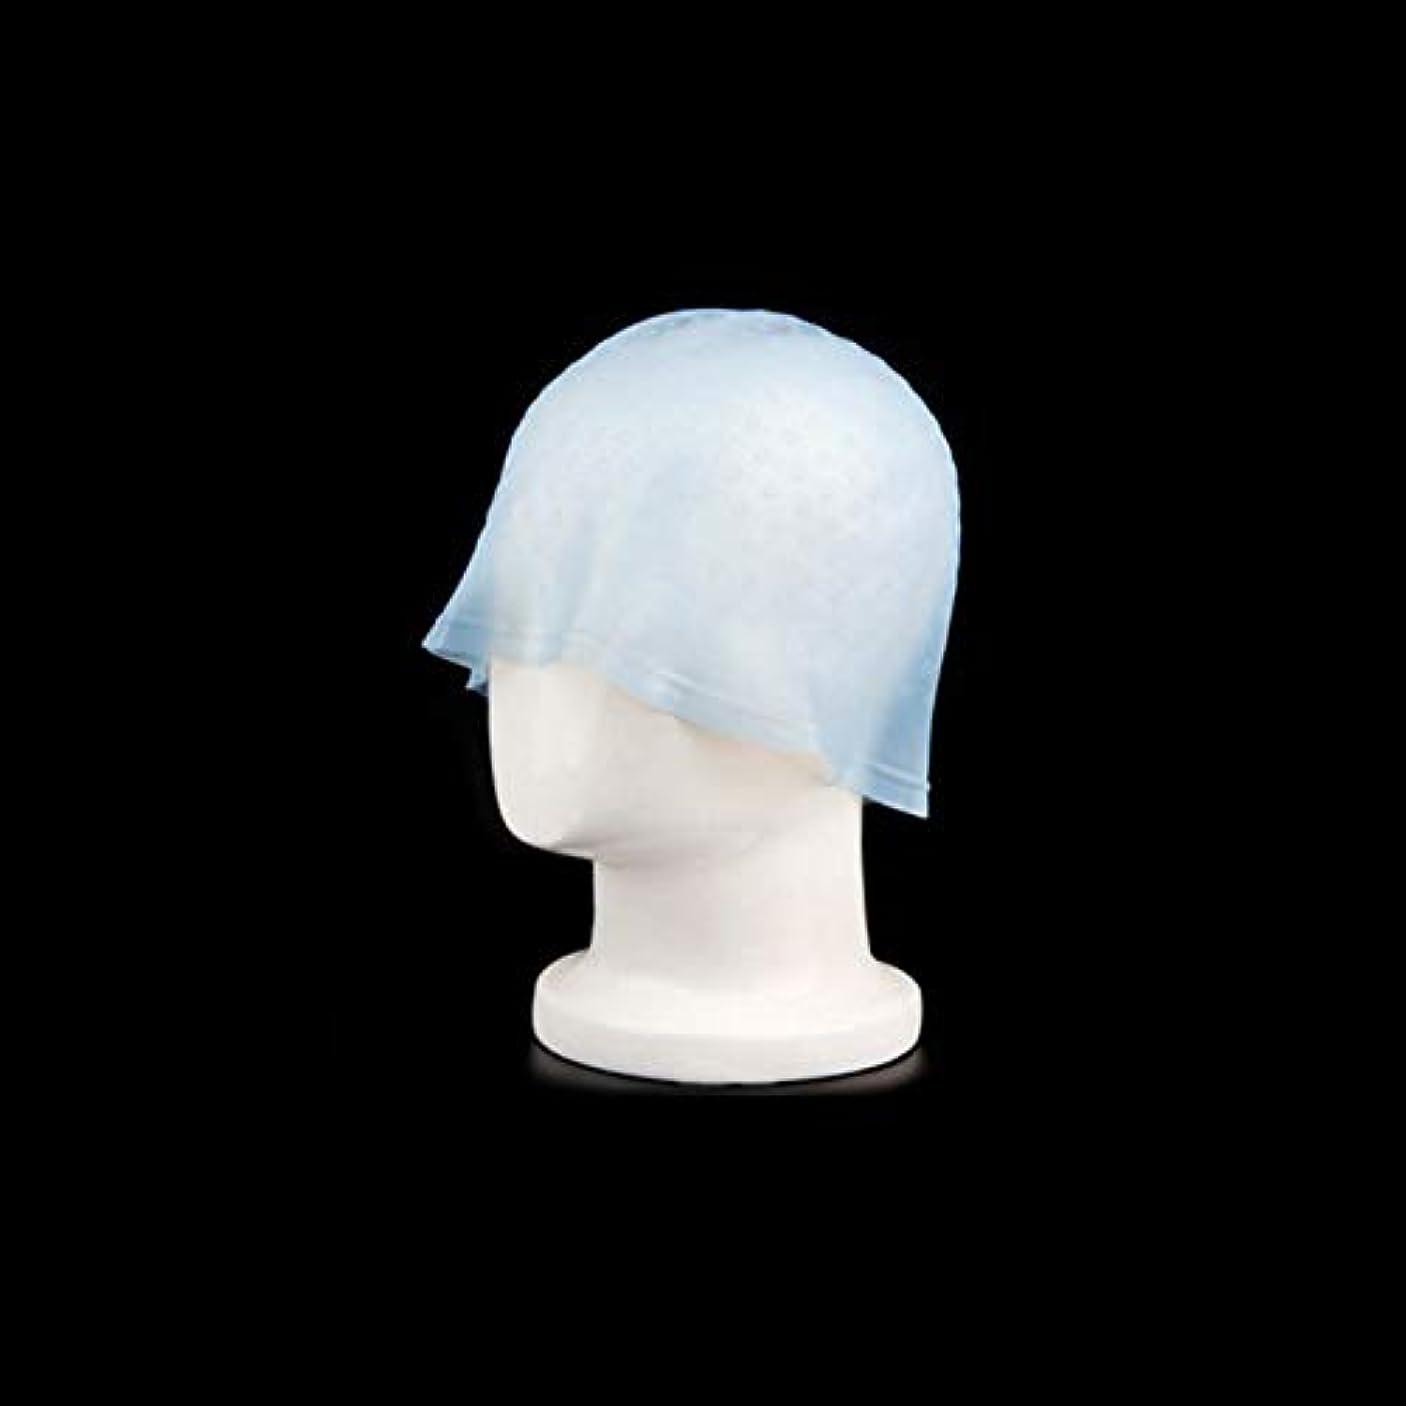 ドルパンダうまれたDOMO カラーダイキャップ 染毛キャップ エコ サロン ヘア染めツール 再利用可能 染色用 ハイライト 髪染め工具